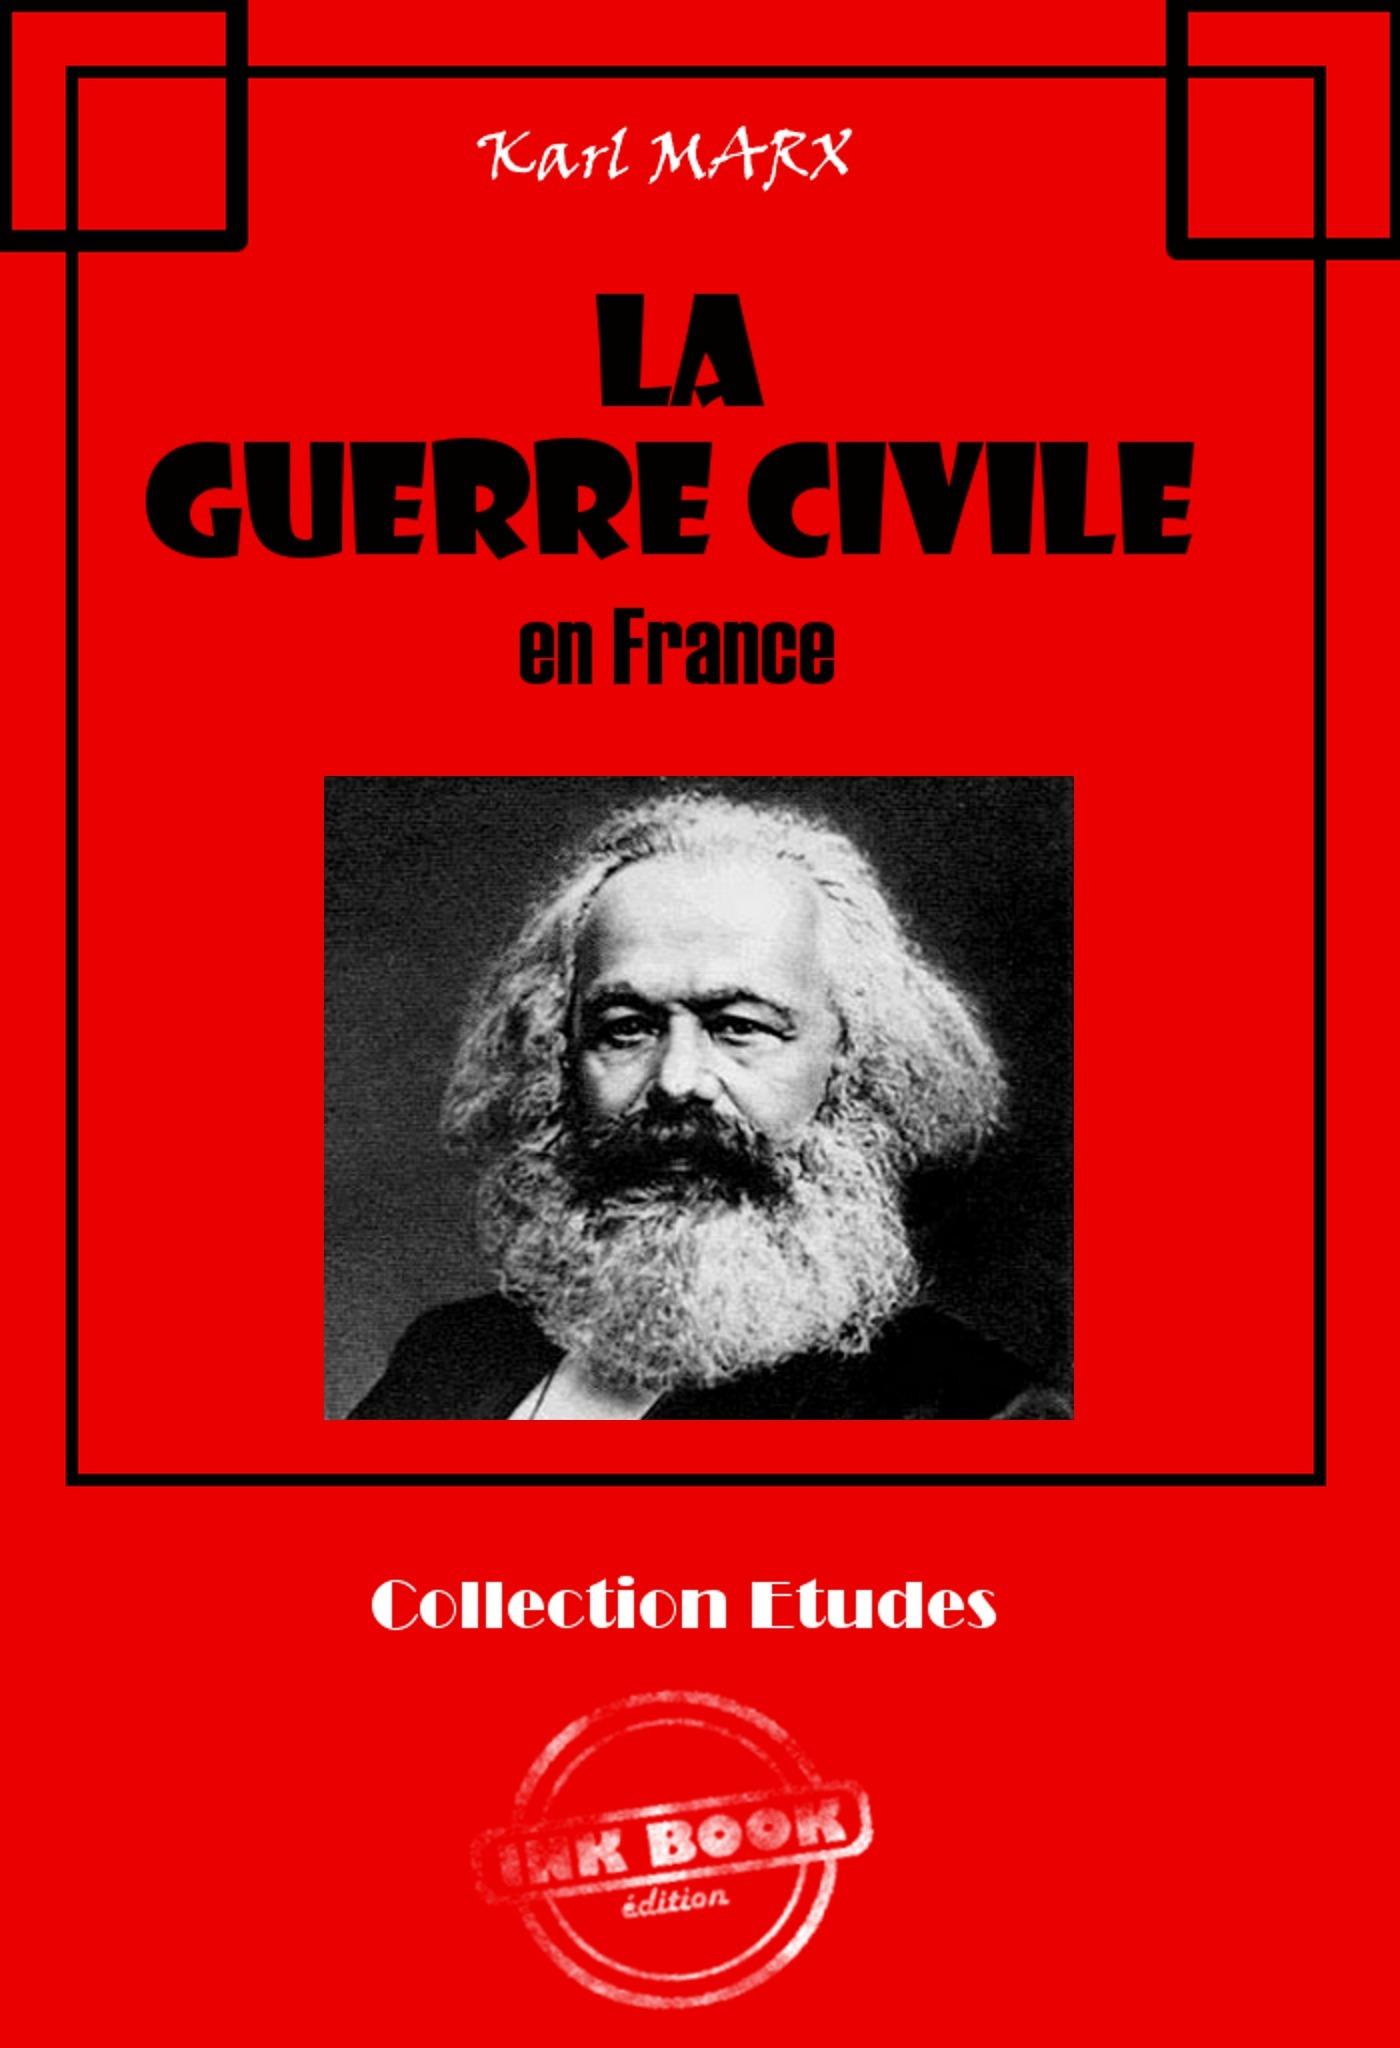 La Guerre Civile en France (Avec introduction d'Engels et lettres de Marx et d'Engels sur la Commune de Paris)